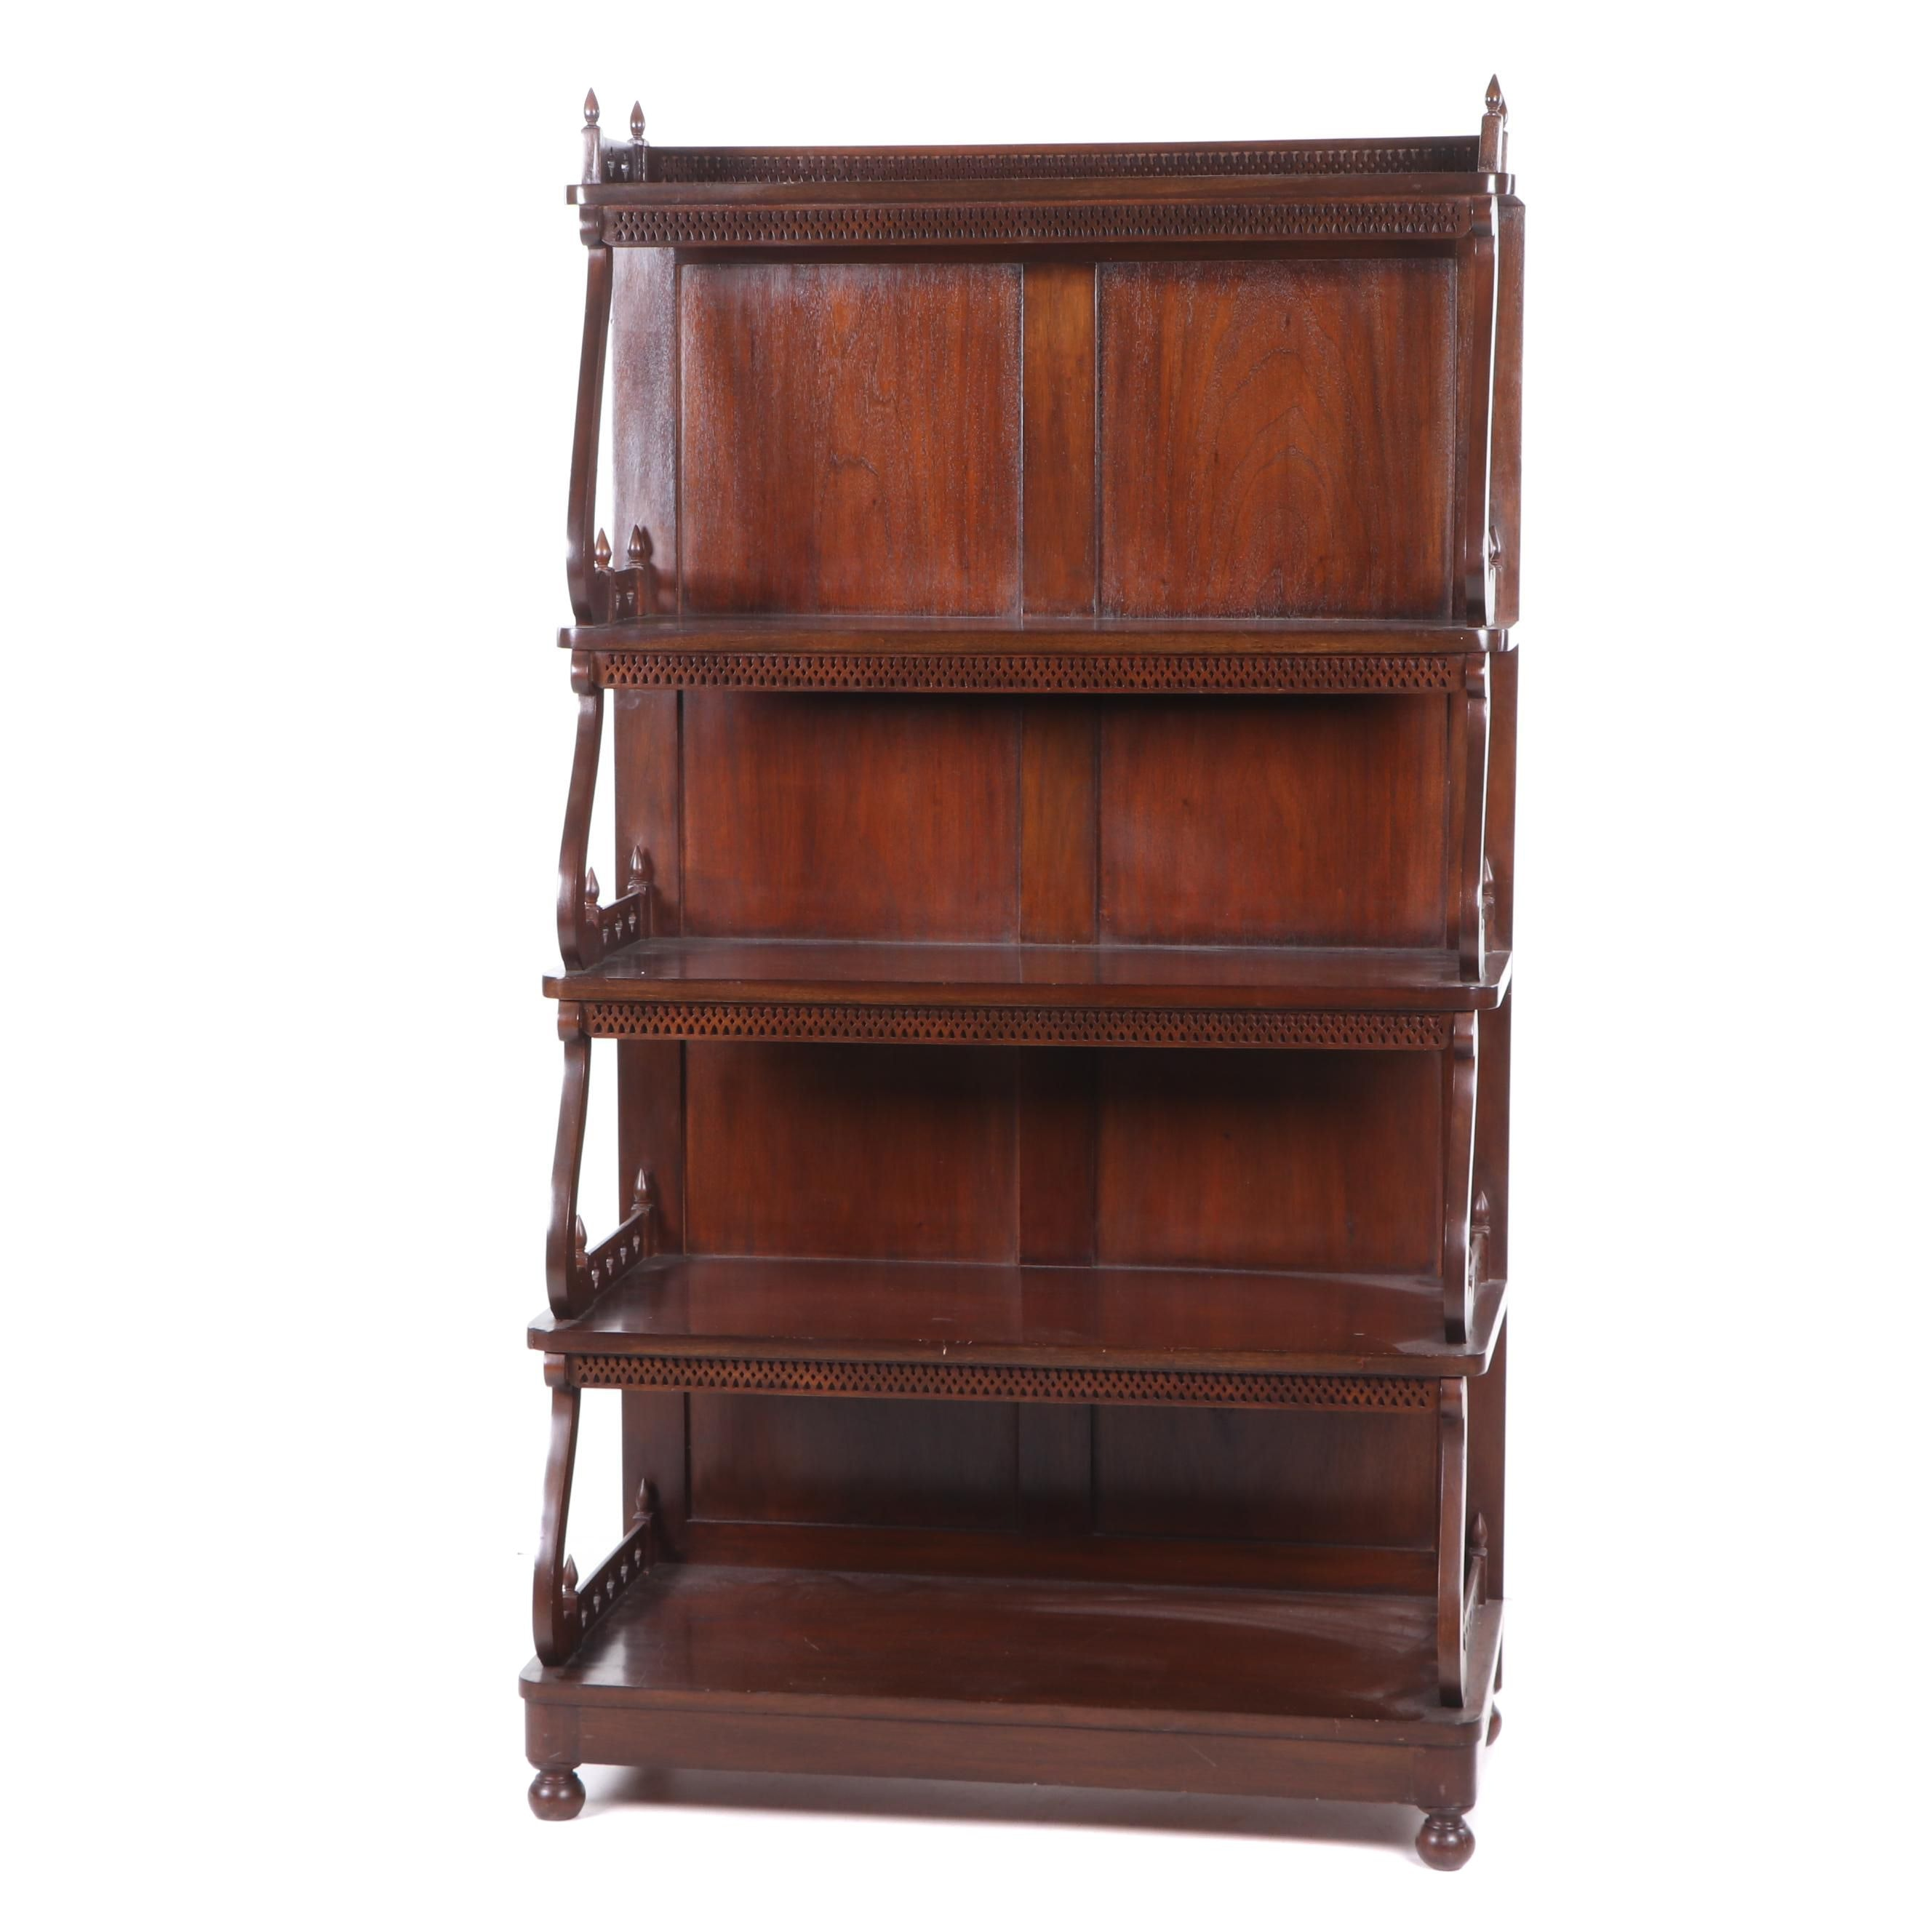 Replica Victorian Bench Made Mahogany Bookcase, Late 20th Century